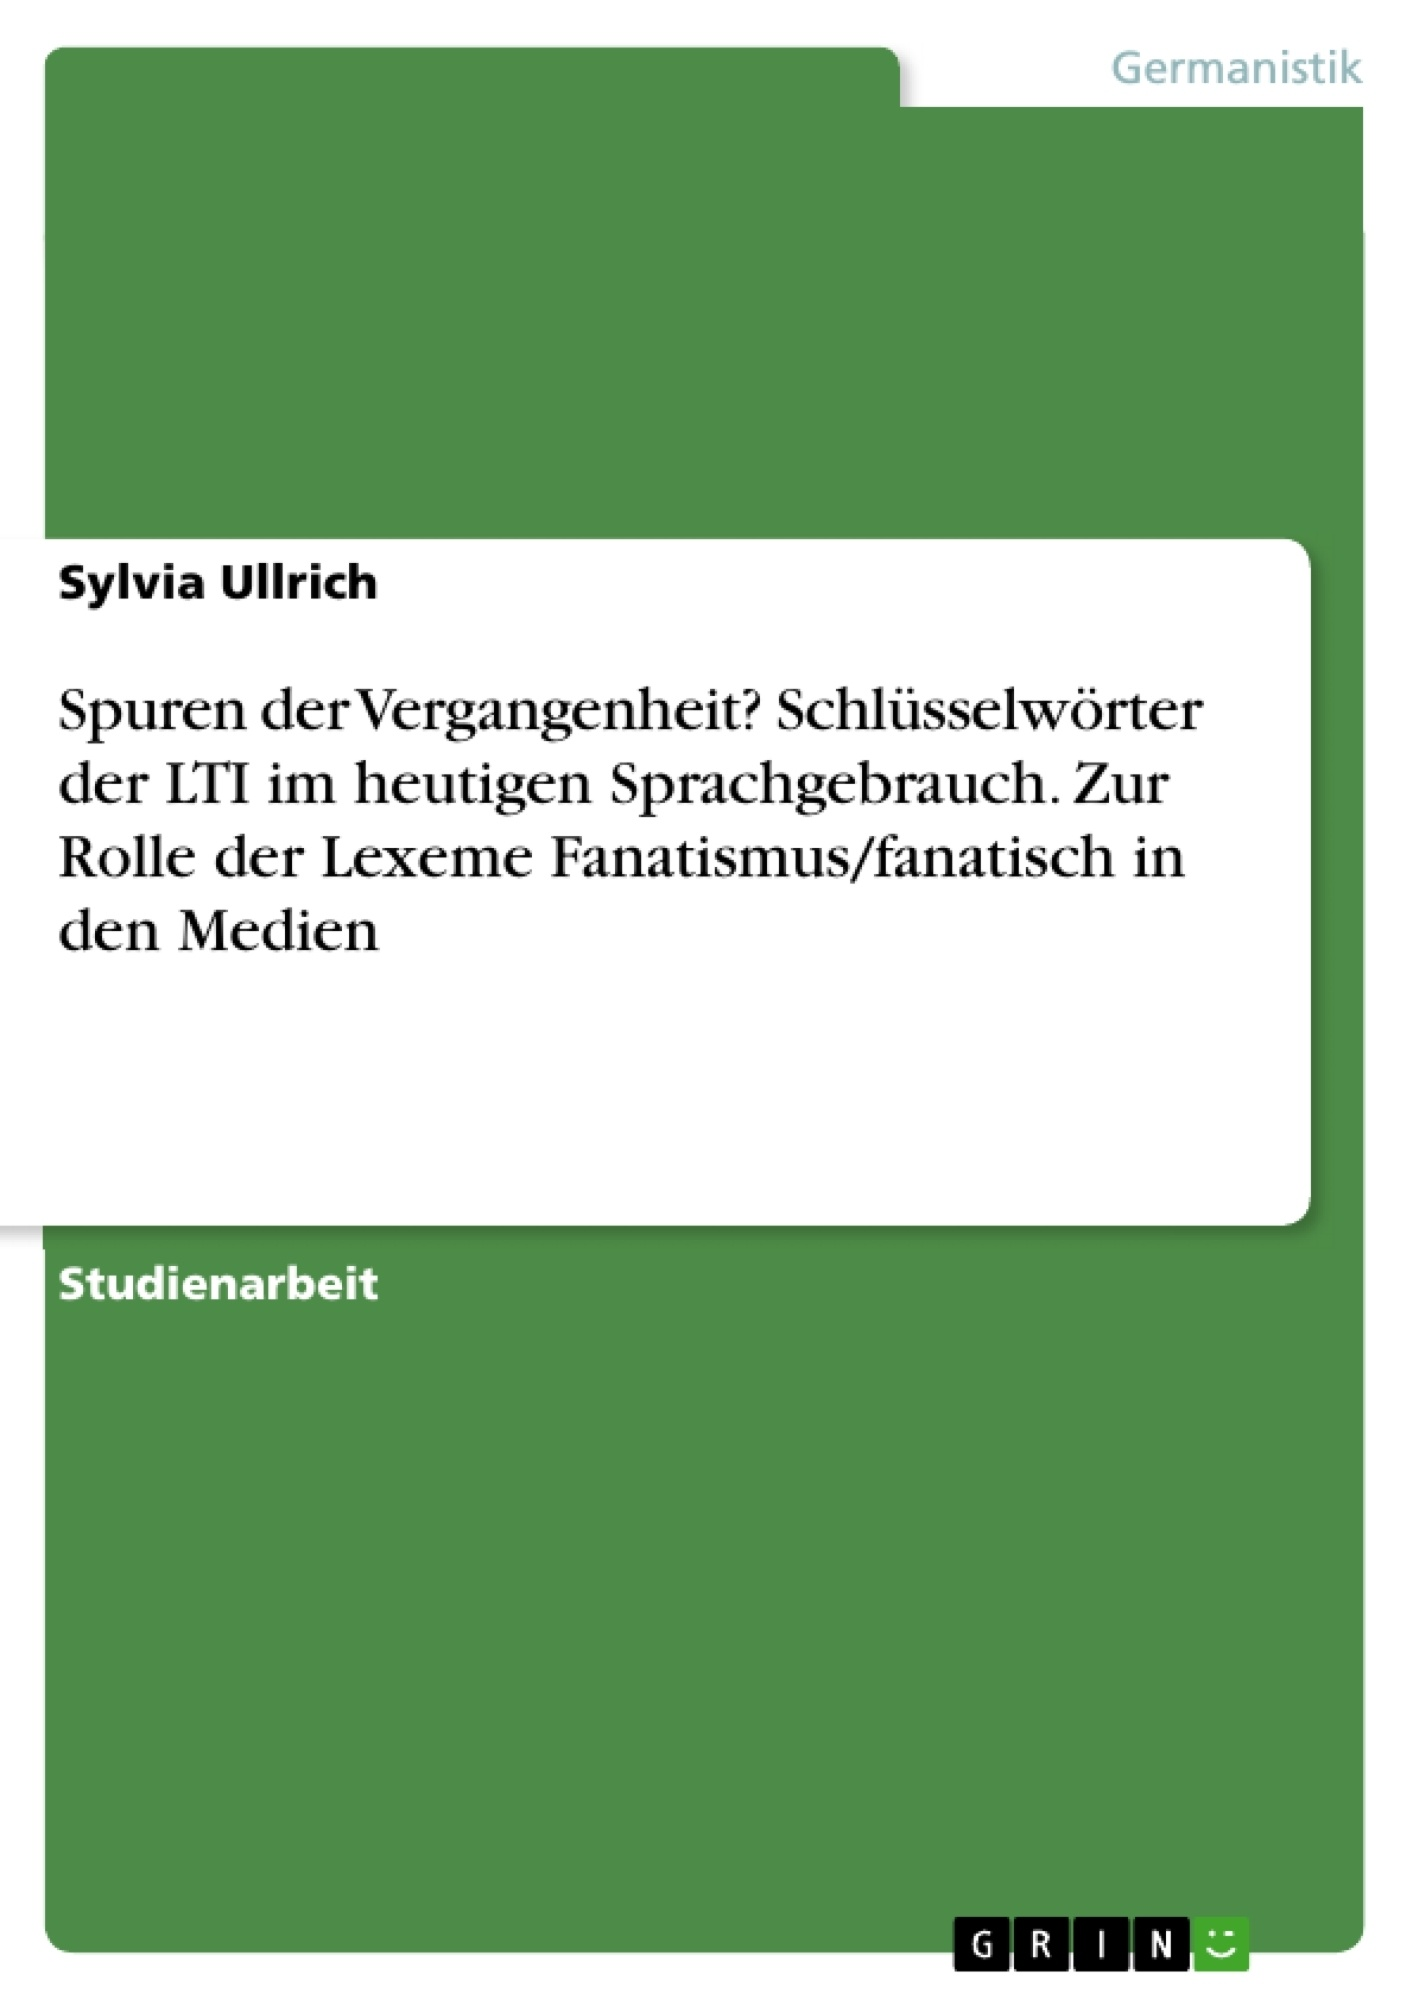 Titel: Spuren der Vergangenheit? Schlüsselwörter der LTI im heutigen Sprachgebrauch. Zur Rolle der Lexeme Fanatismus/fanatisch in den Medien